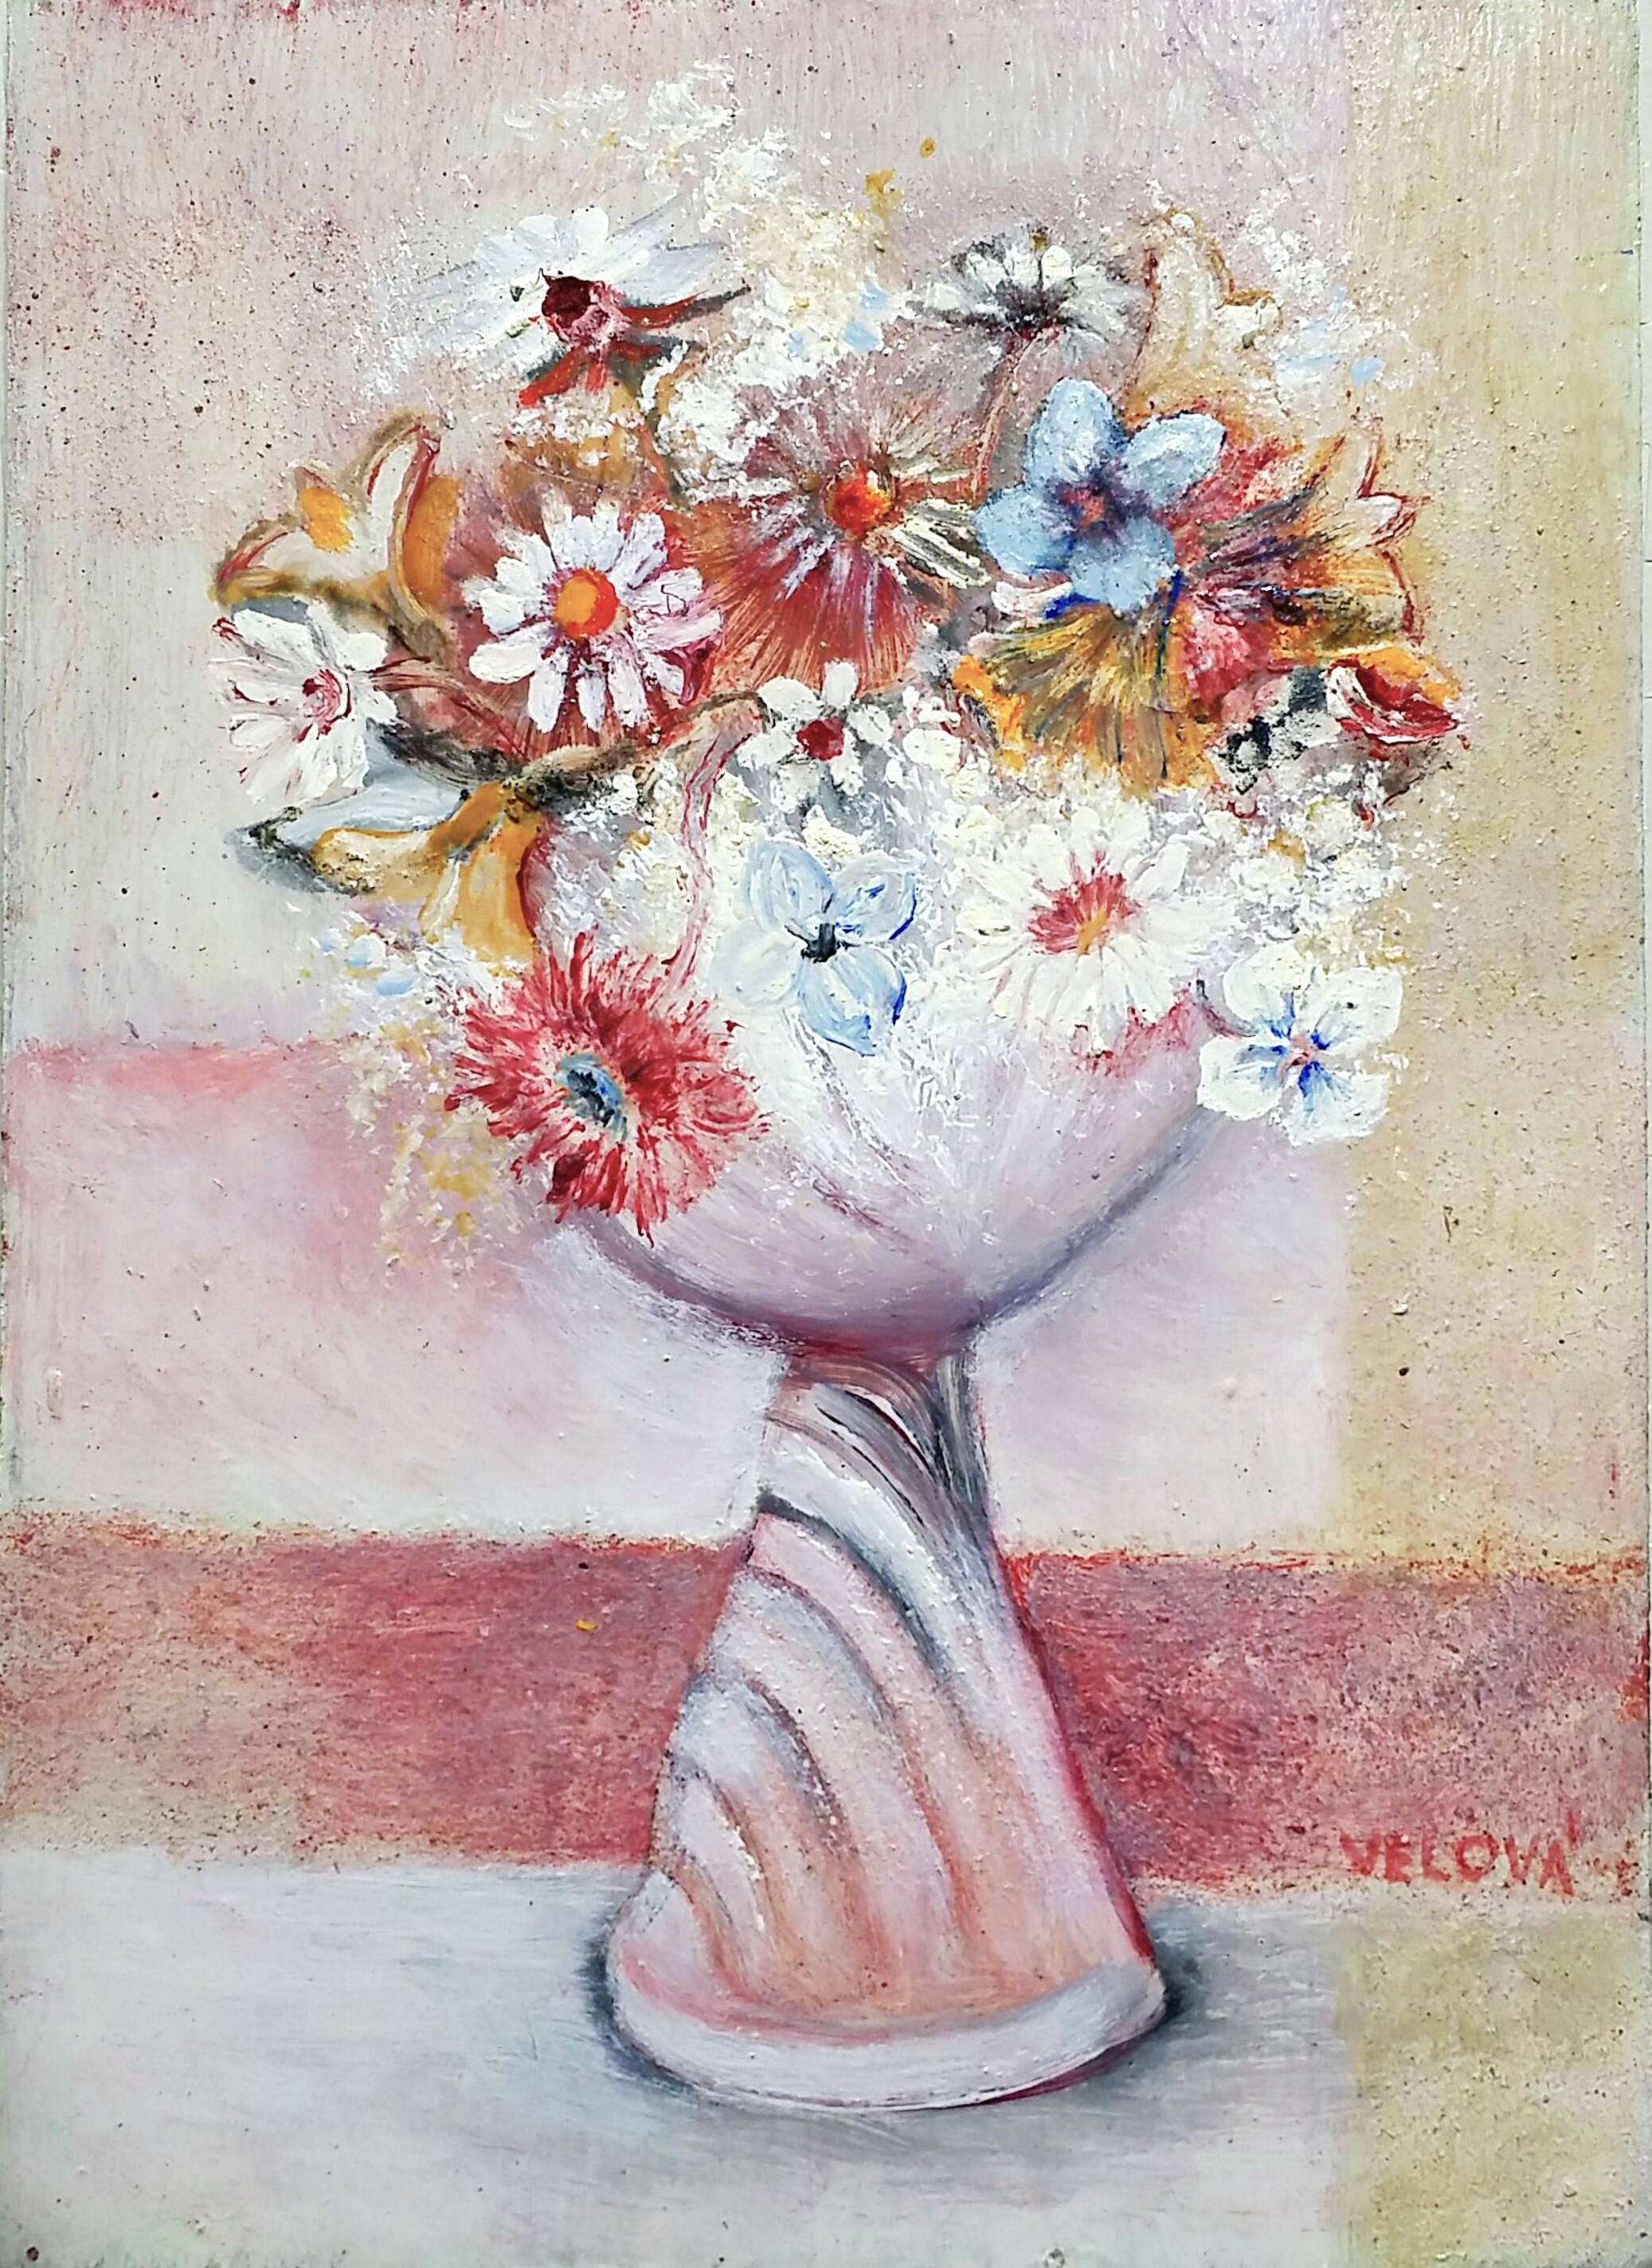 Meadow-flower」油彩4号1810-19.jpg